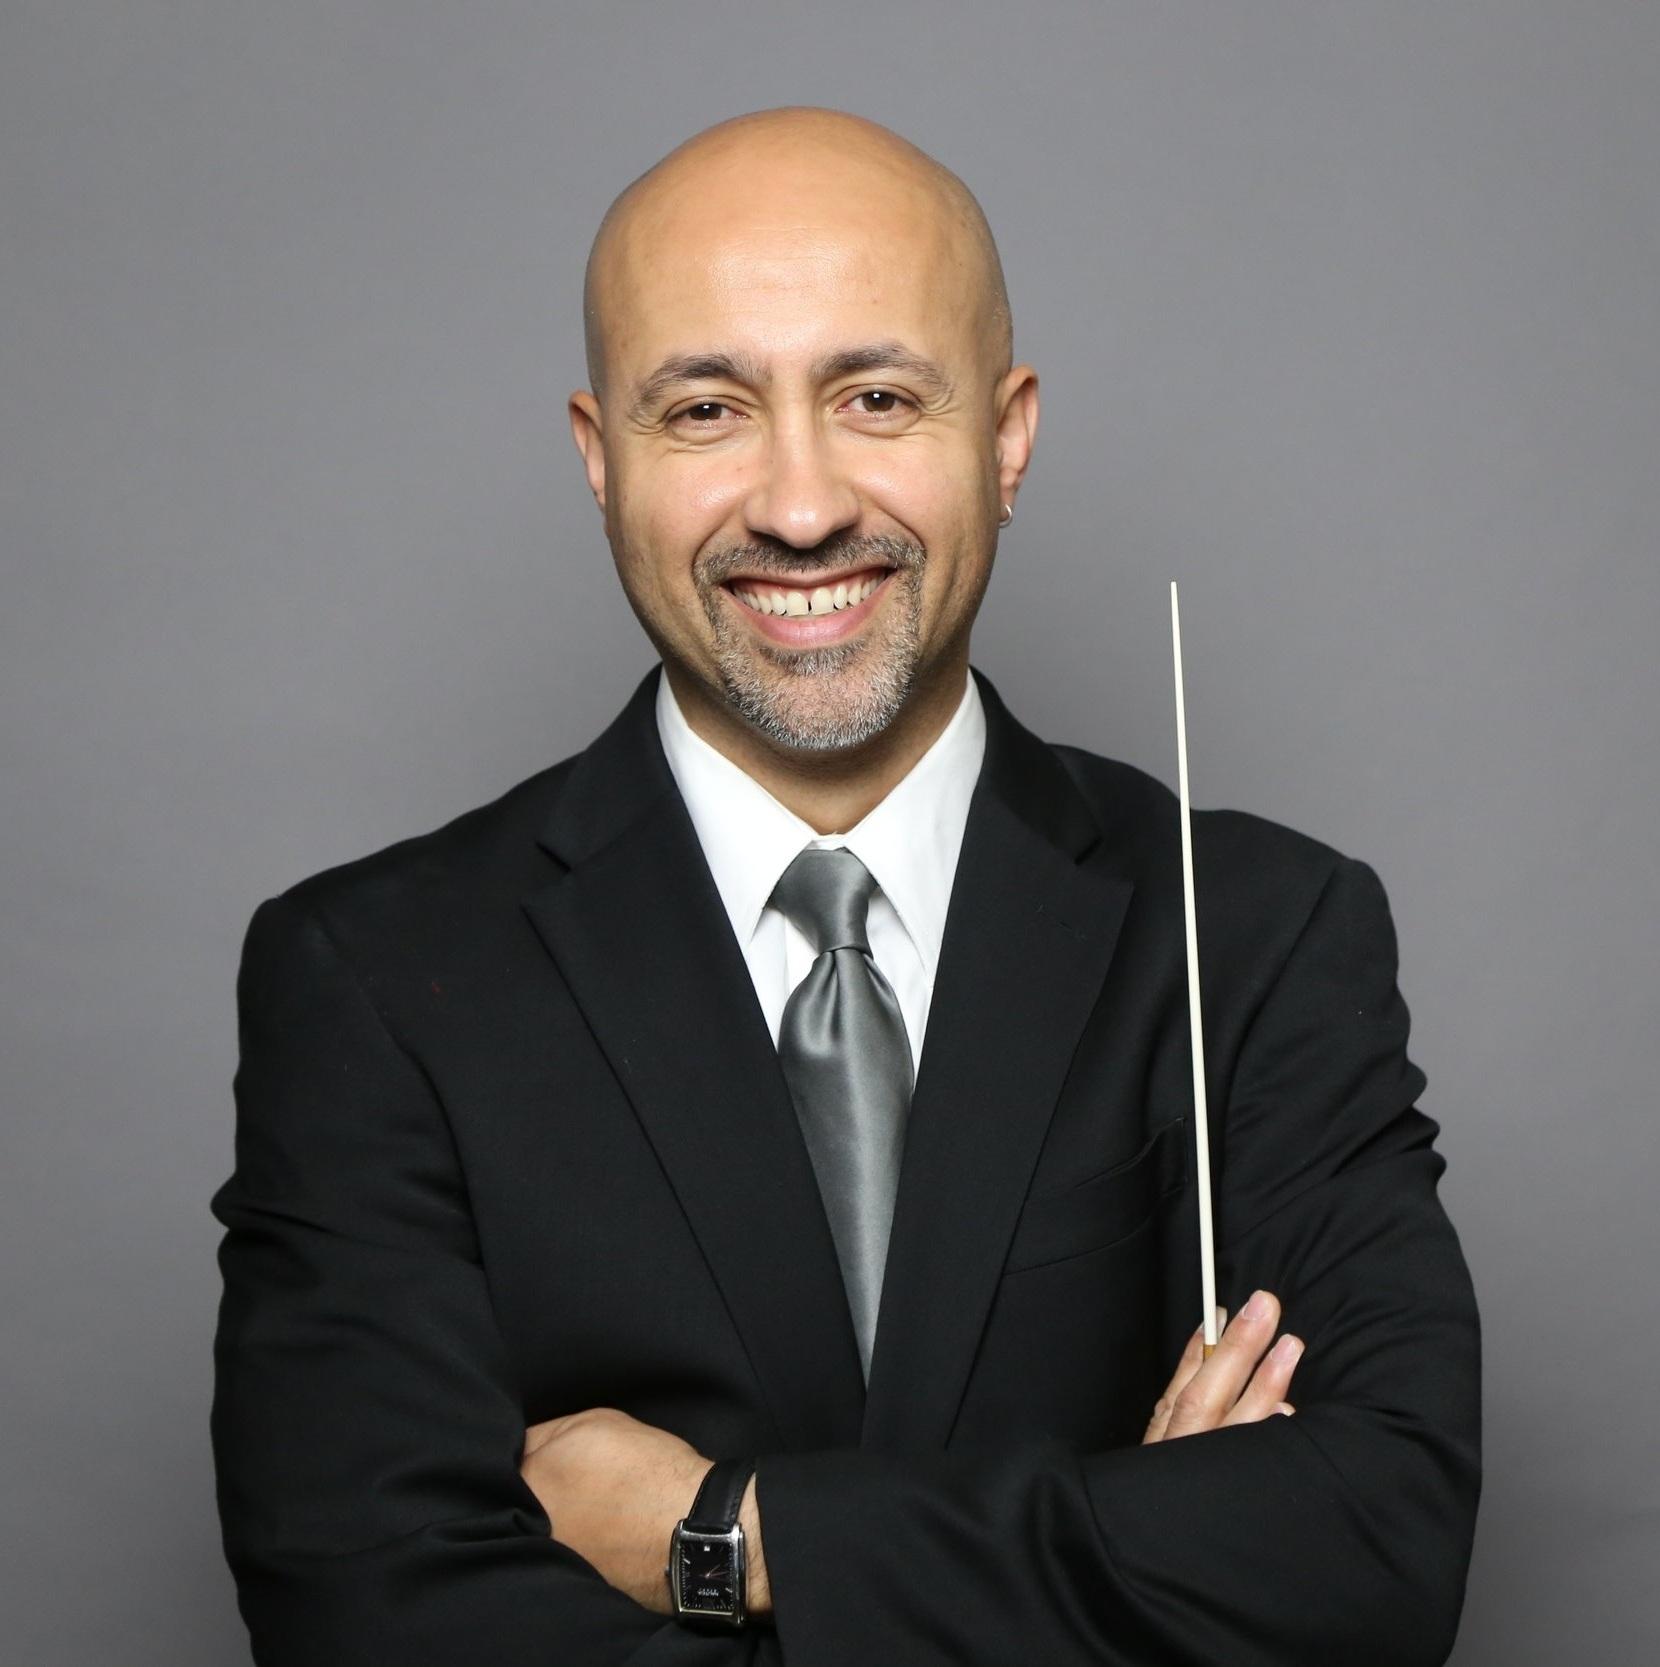 José Delgado - Director de coroletrista